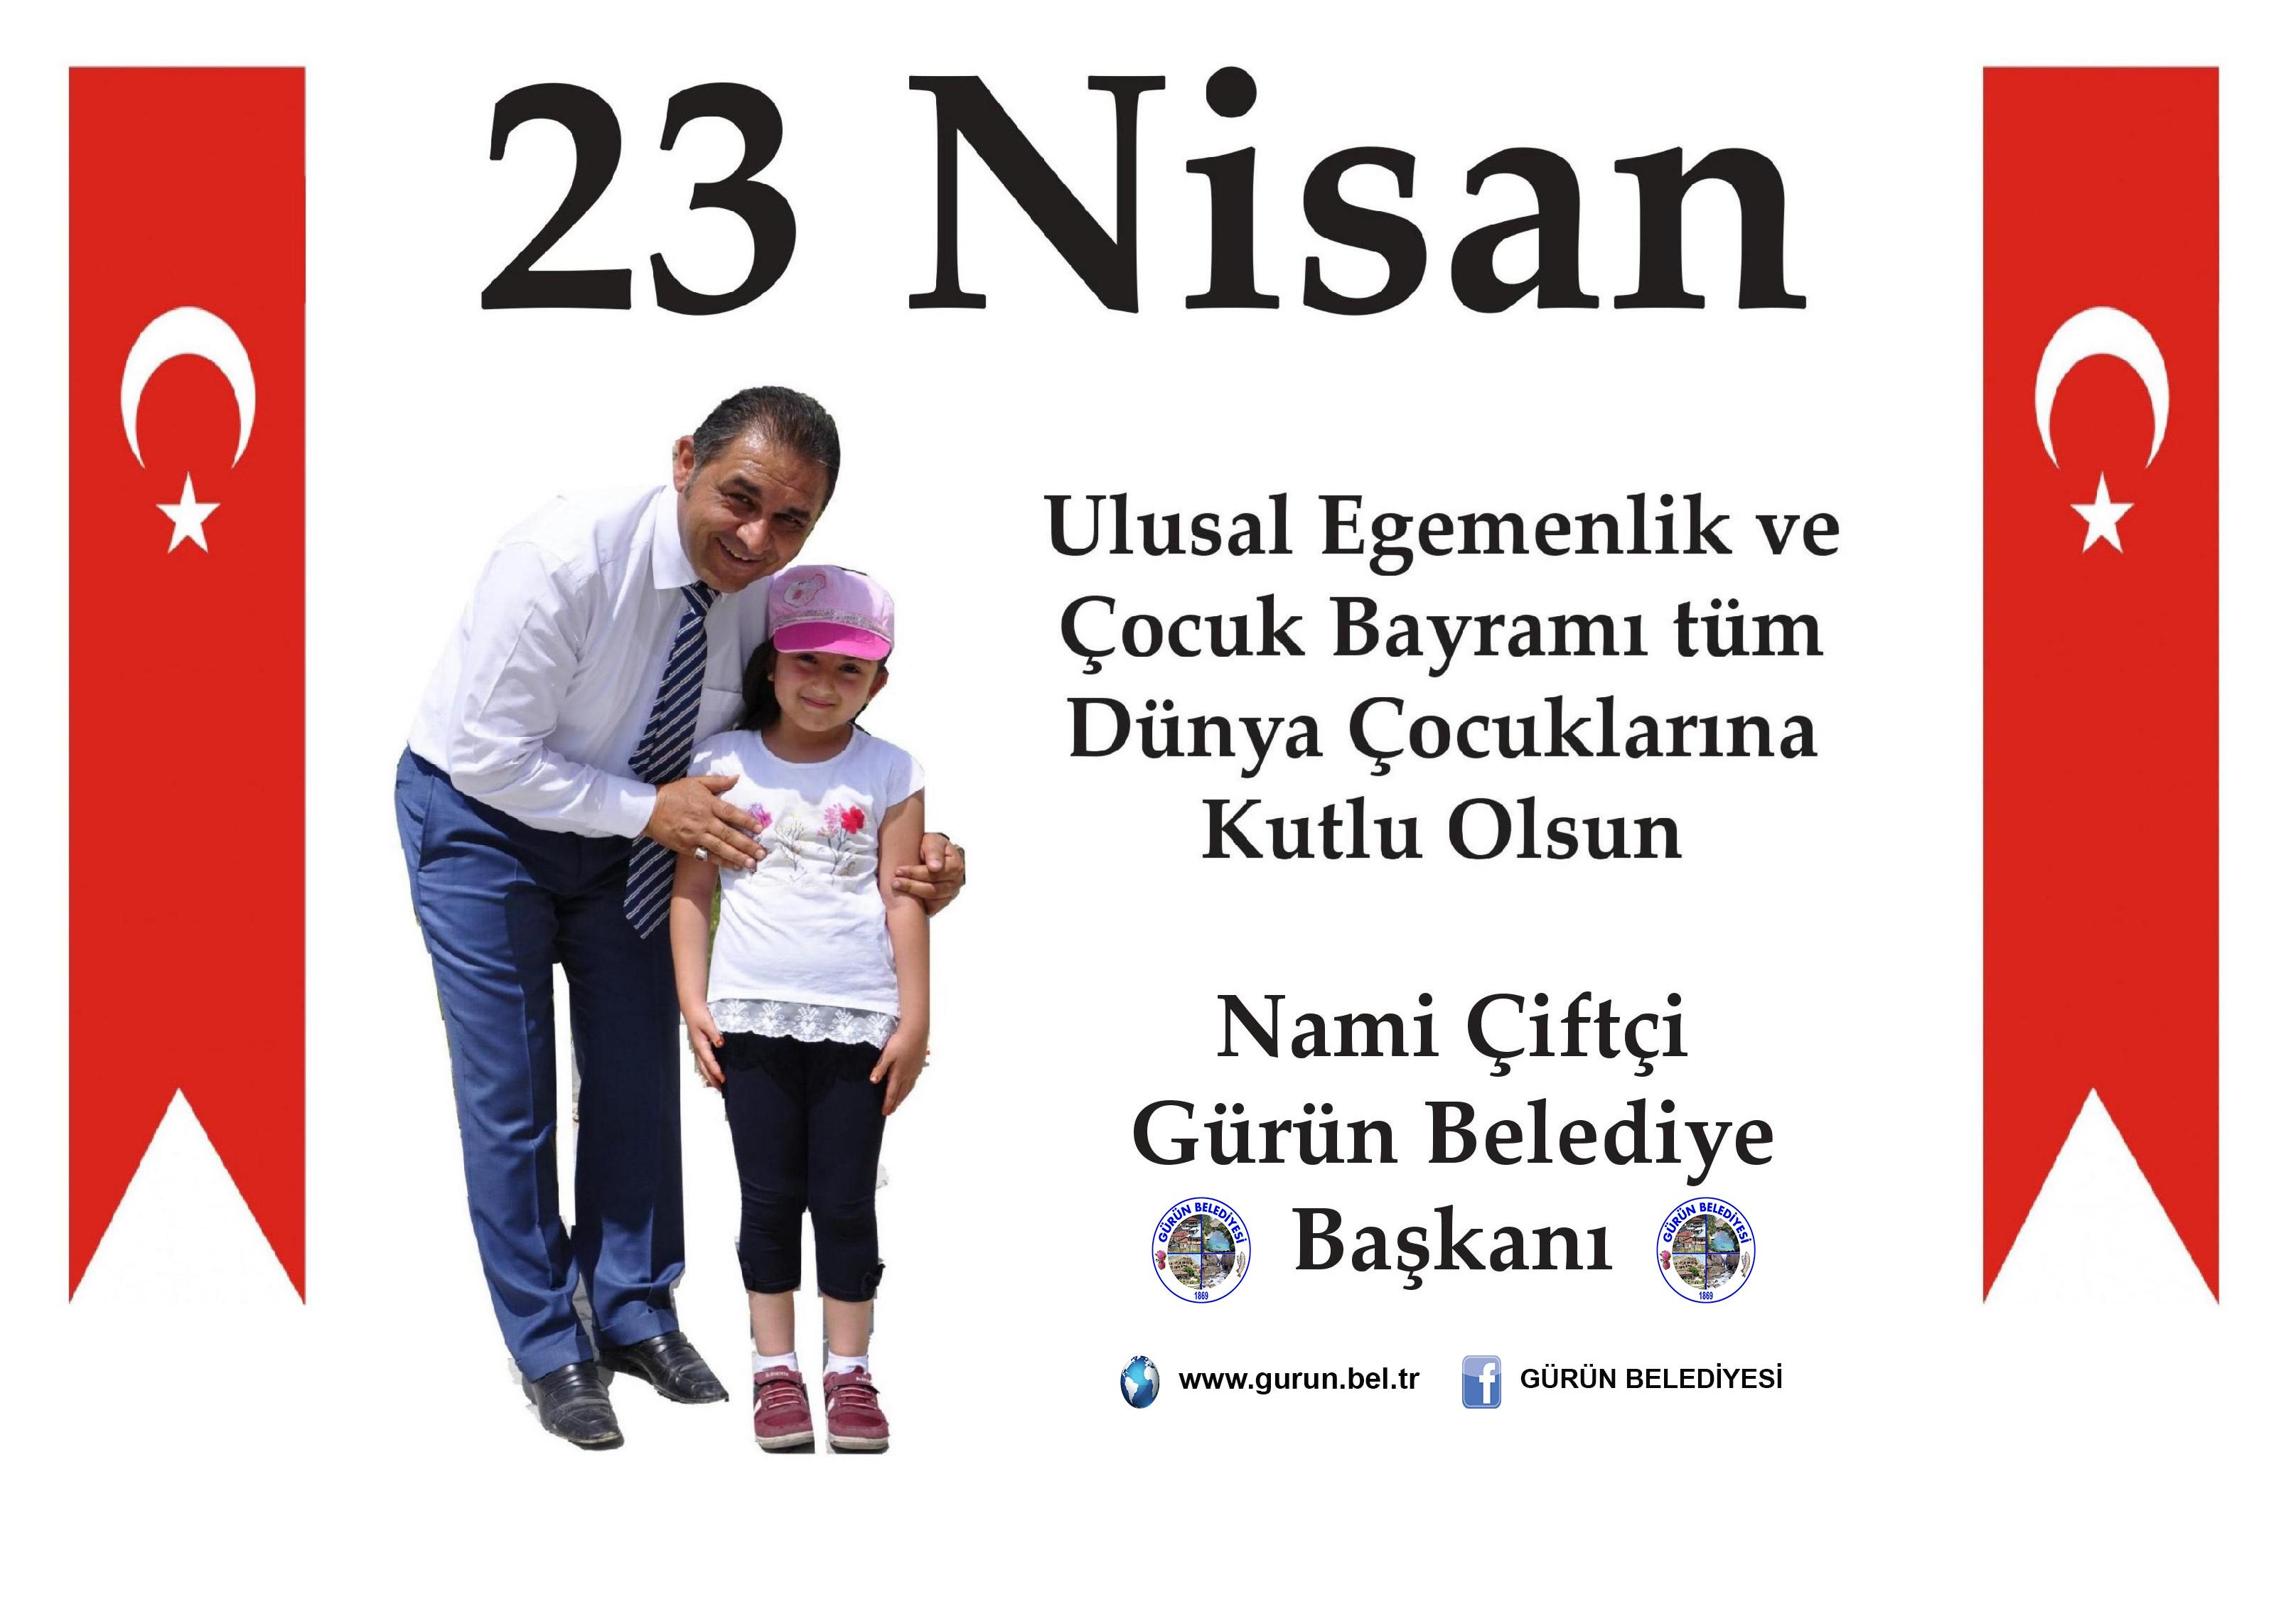 """BAŞKAN ÇİFTÇİ: """"23 NİSAN ÇOCUKLARIMIZ İÇİN ŞENLİK, MİLLETİMİZ İÇİN GURUR GÜNÜDÜR"""